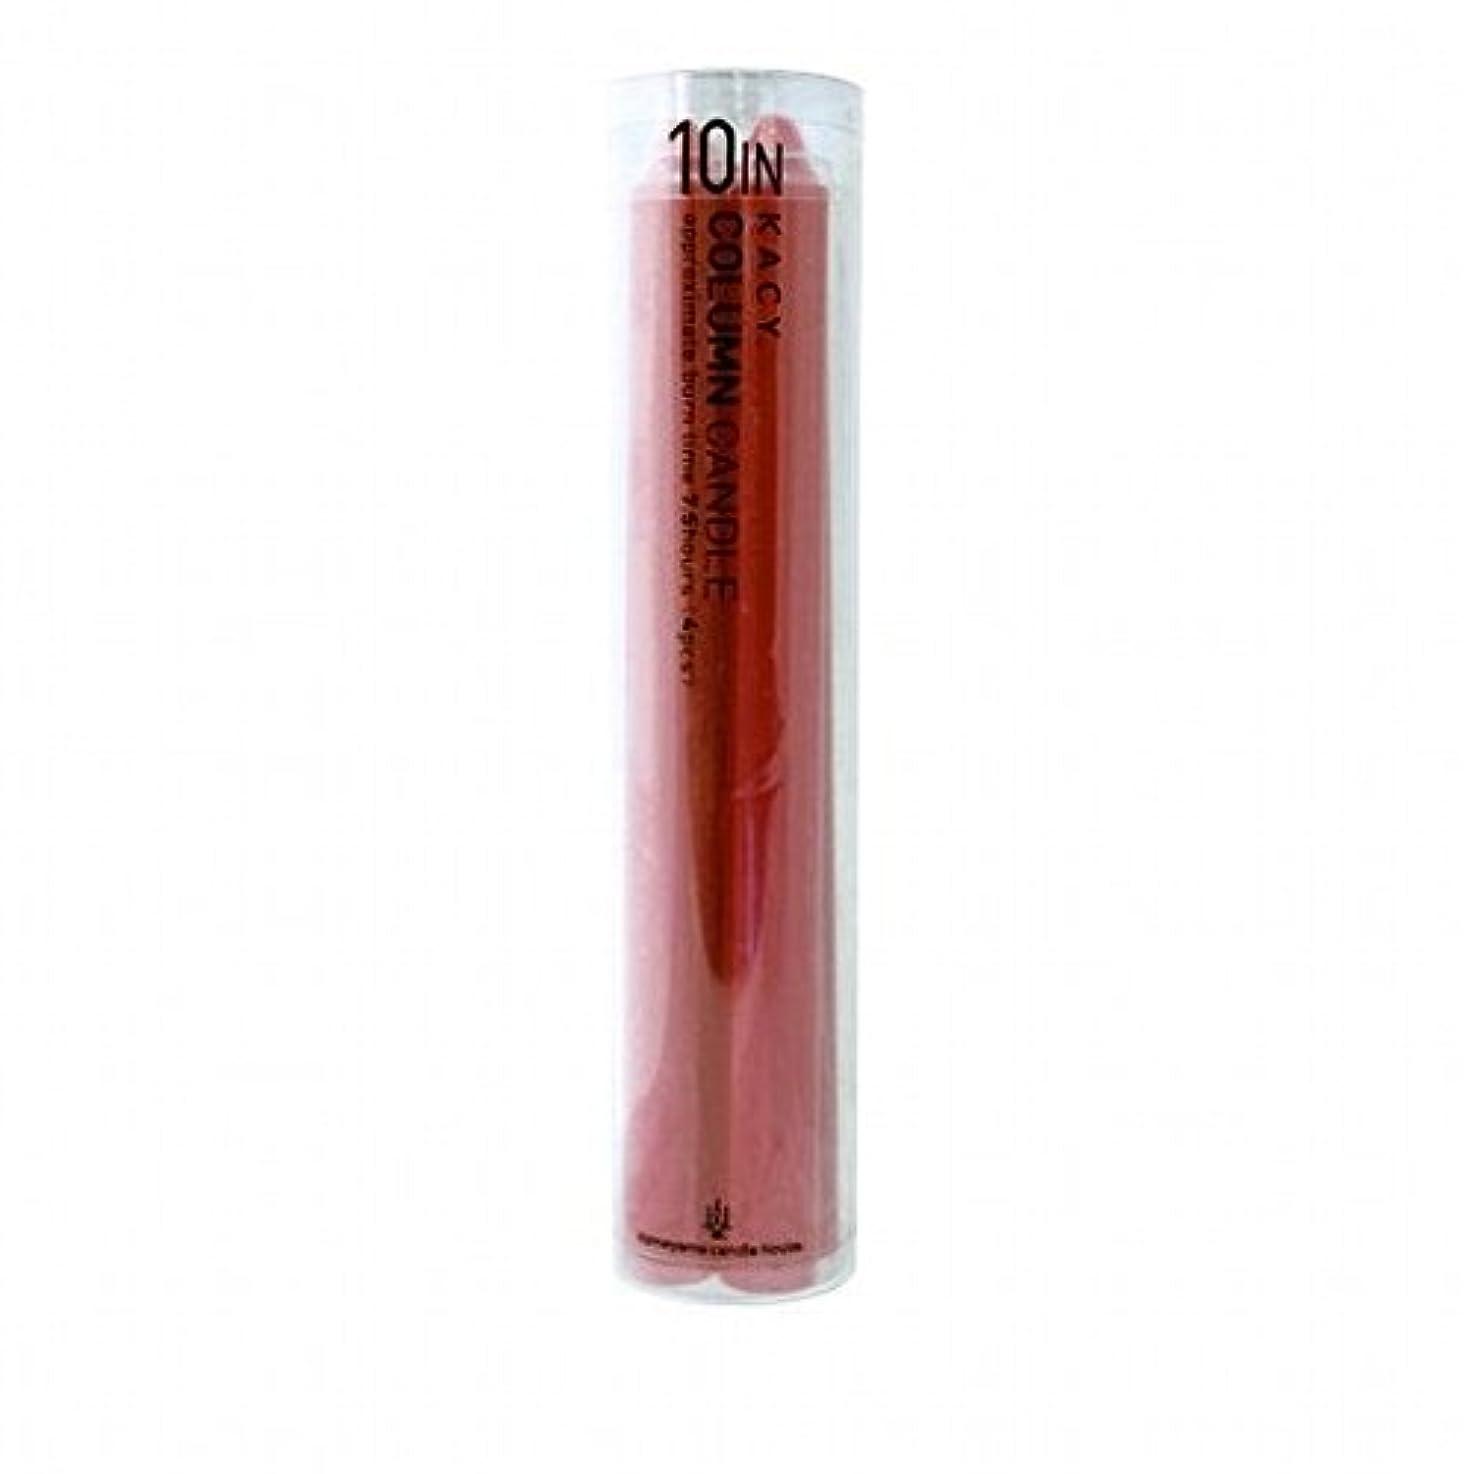 麦芽応答タイヤkameyama candle(カメヤマキャンドル) 10インチコラムキャンドル4本入り 「 レッド 」(A9123100R)